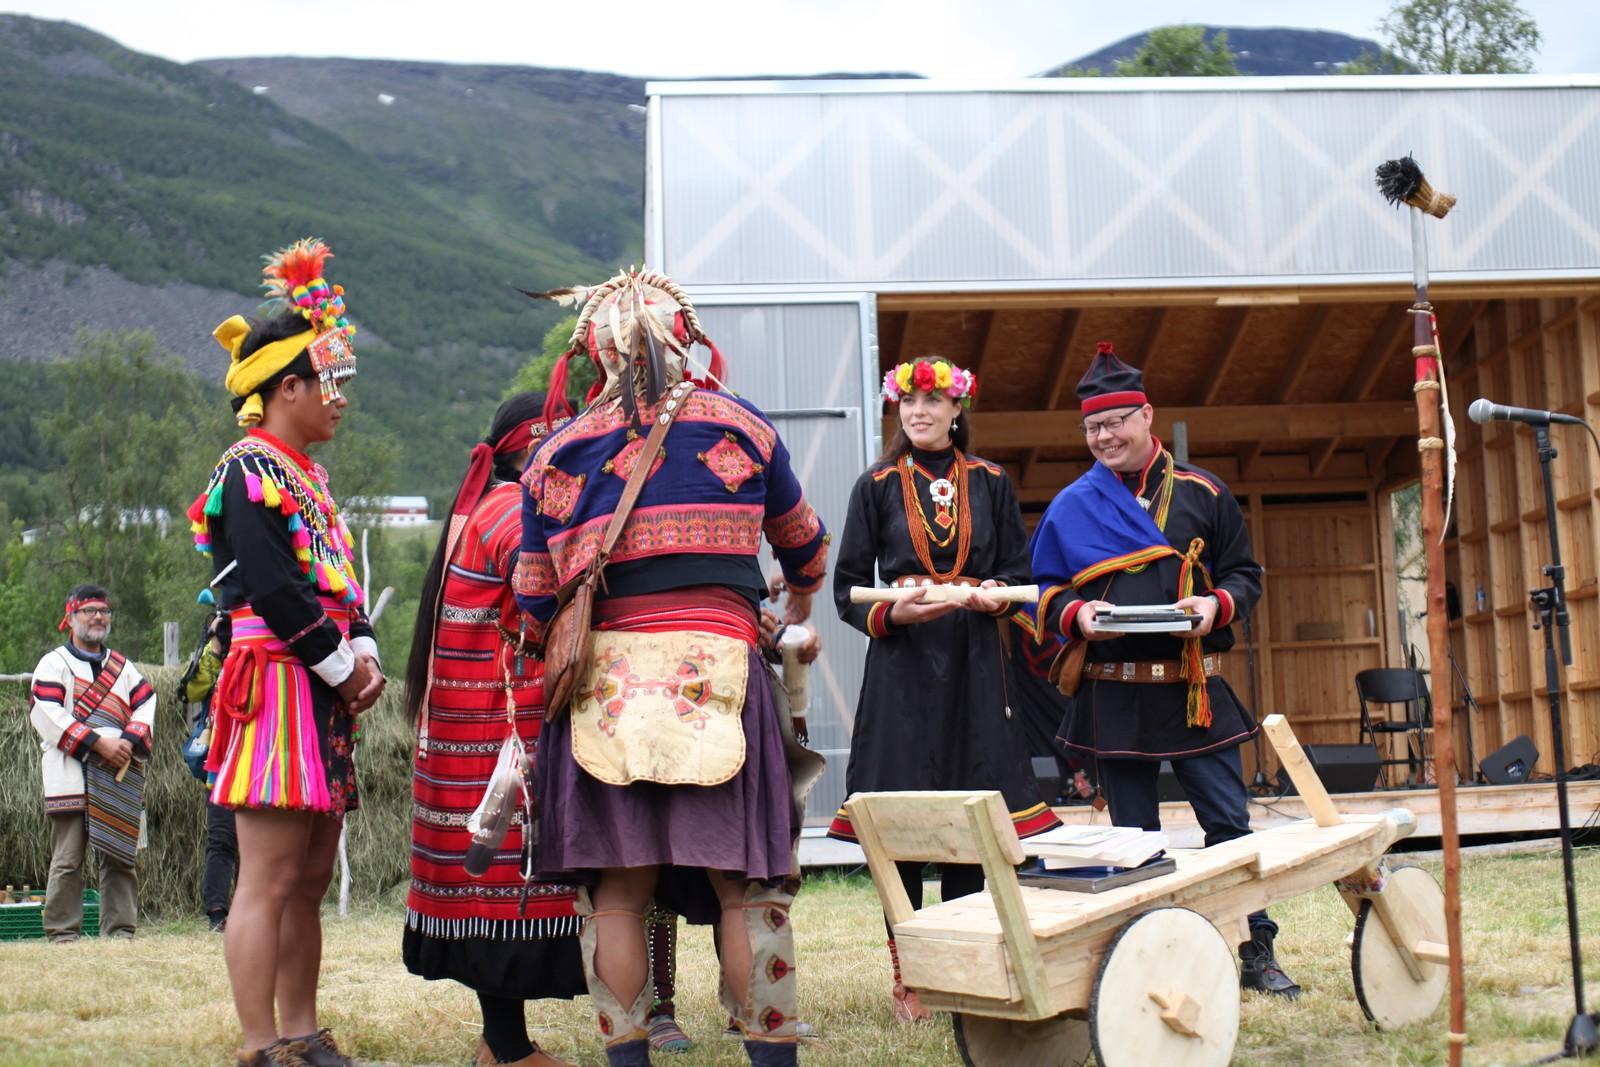 Karoline Trollvik og Henrik Olsen tok imot gaver til festivalen, fra alle de tre urfolksgruppene fra Taiwan.